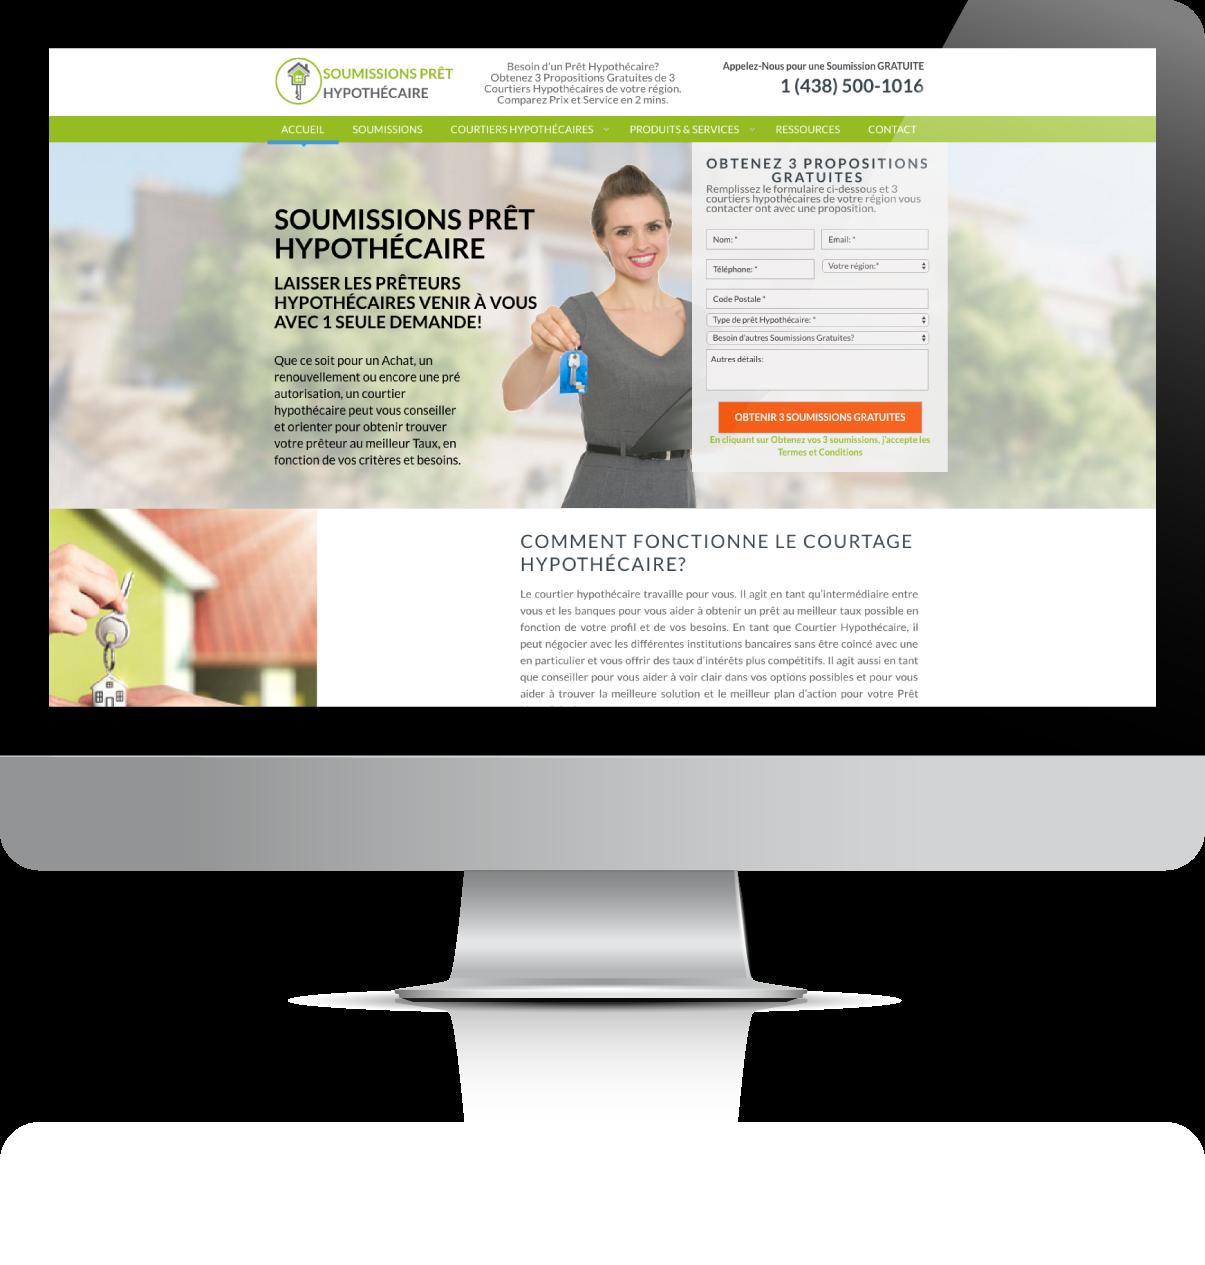 trouver-comparer-taux-hypothecaire-quebec